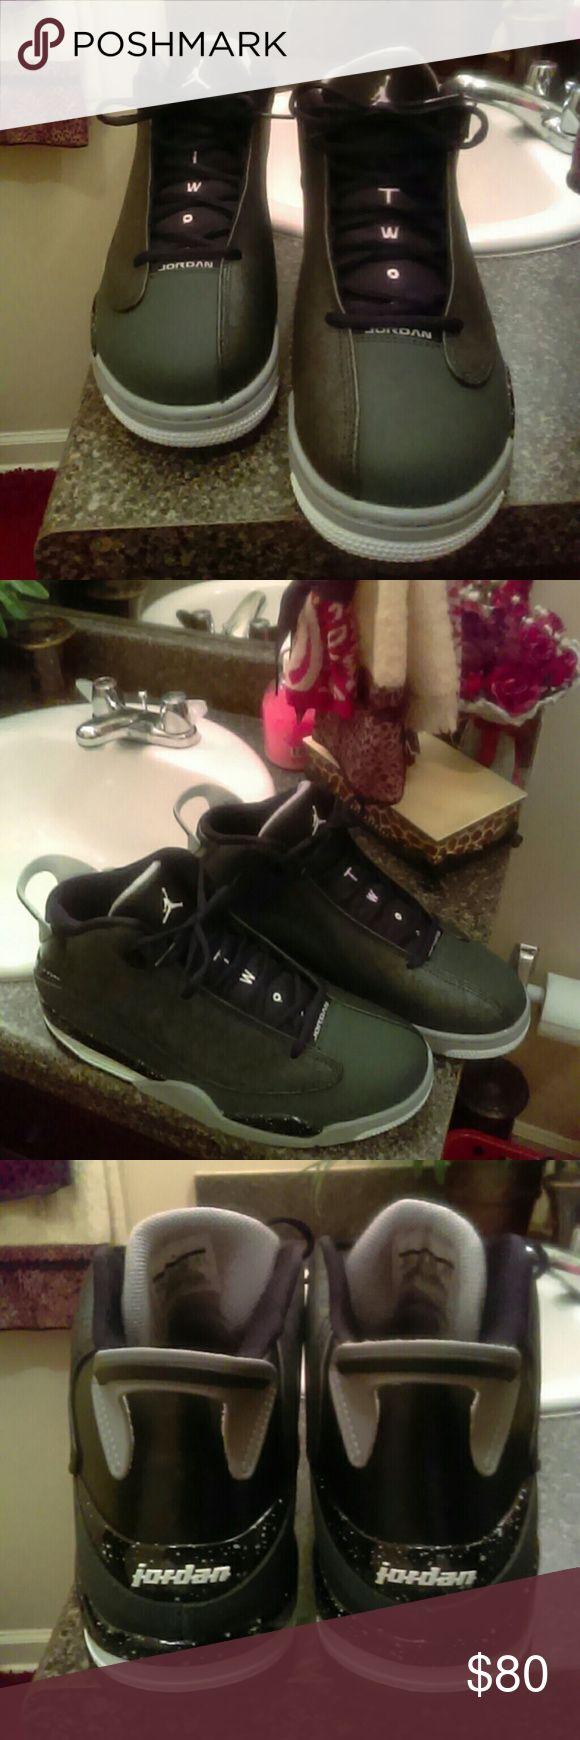 Retro Jordans dub zero charcoal gray With a air bubble retro Jordans Shoes Athletic Shoes